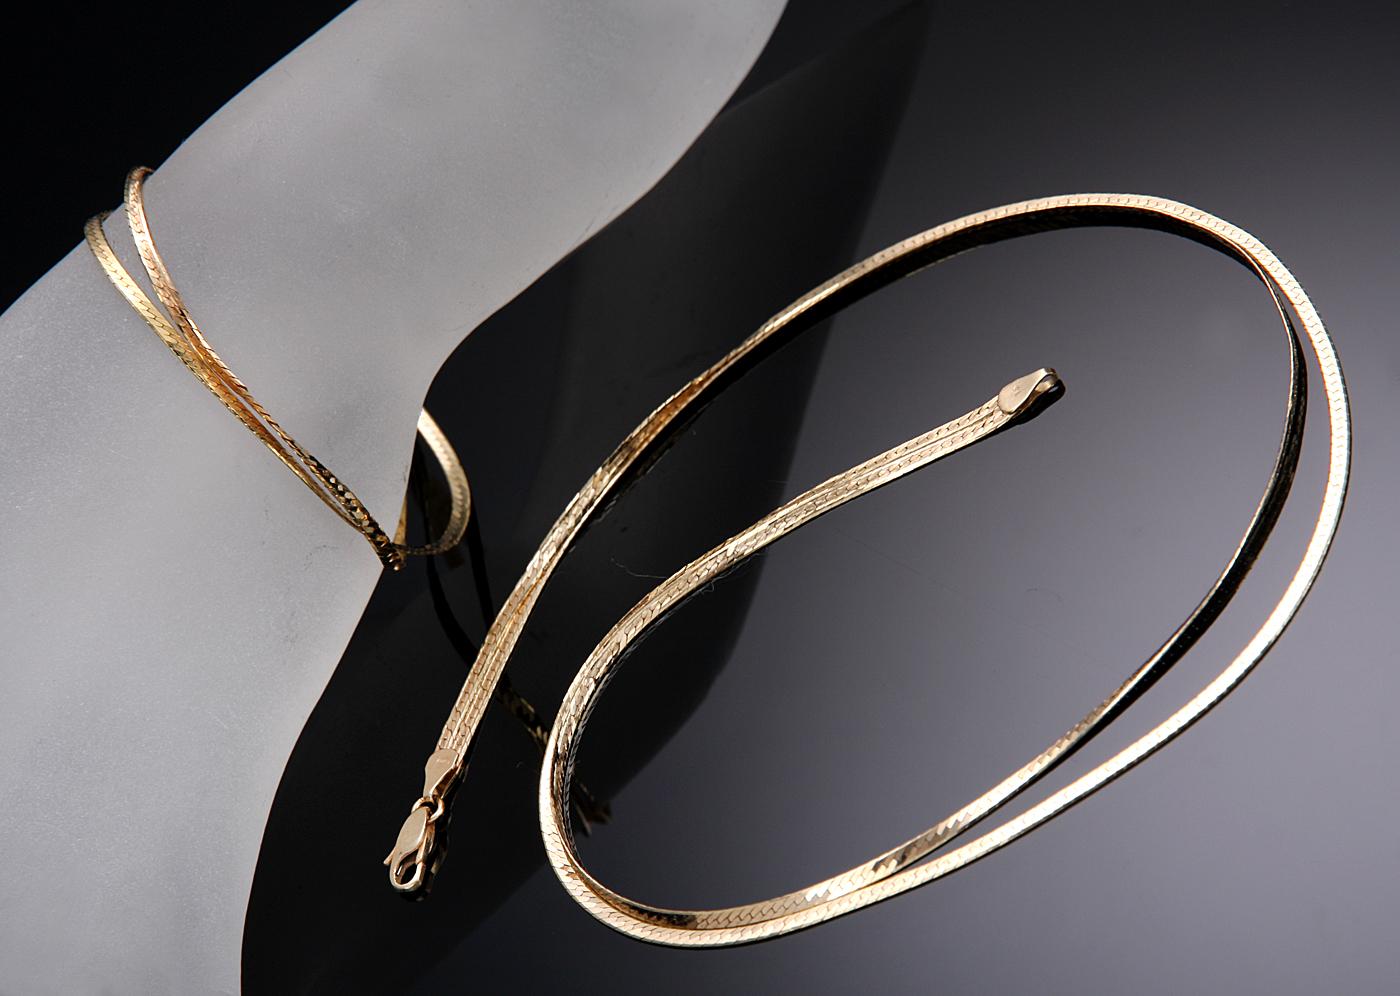 Smykkesæt med halskæde og armlænke i 14 kt. guld - Smykkesæt med dobbeltradet halskæde og armlænke i 14 kt. guld. Halskæde L. 39 cm, armlænke L. 17,5 cm. Samlet vægt 12,8 g. Fremstår med brugsspor. Hidrører fra dansk privat smykkesamling